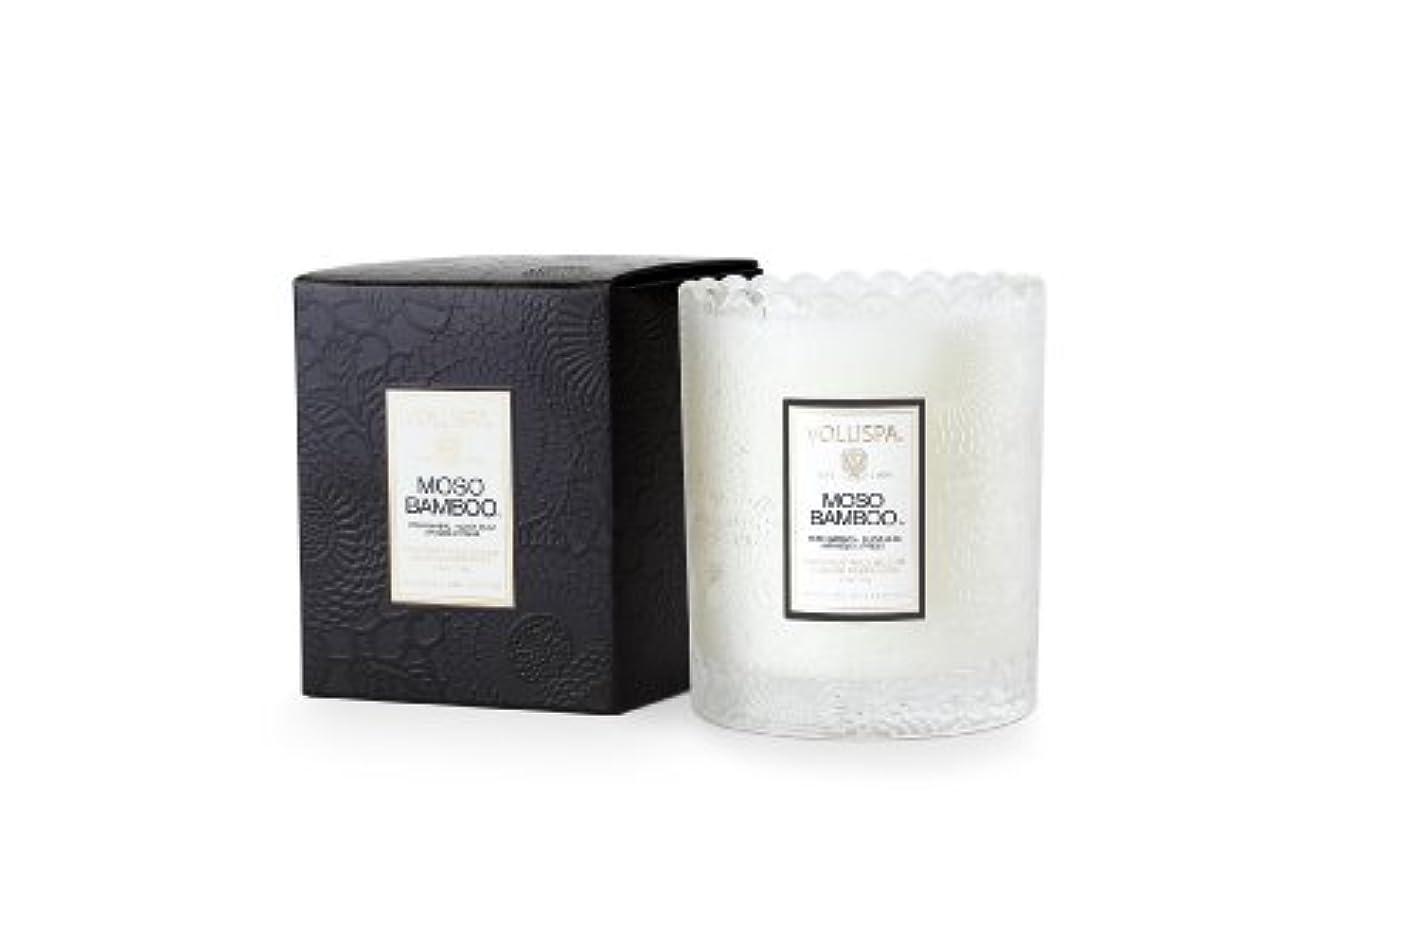 宿泊施設限定腐敗Voluspa ボルスパ ジャポニカ スカラップグラスキャンドル モソ バンブー JAPONICA Glass Candle MOSO BAMBOO